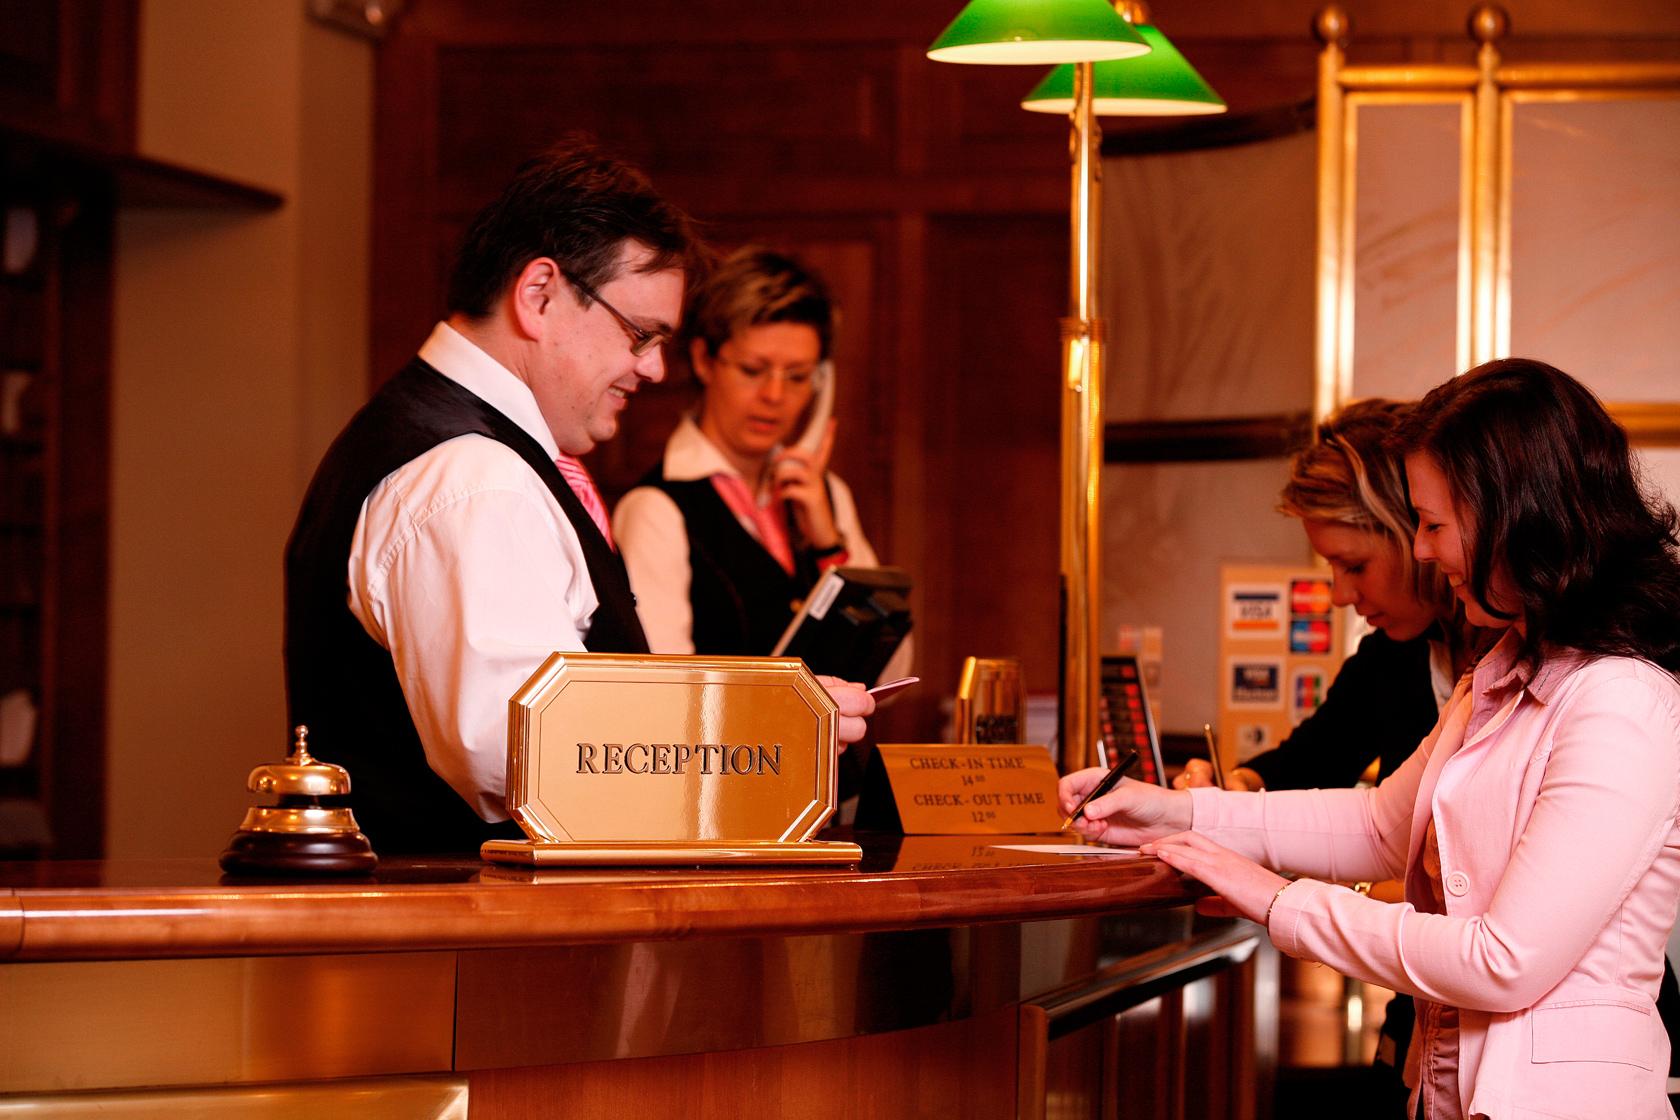 Подлинные гостиничные чеки по доступной цене для вашего отчета